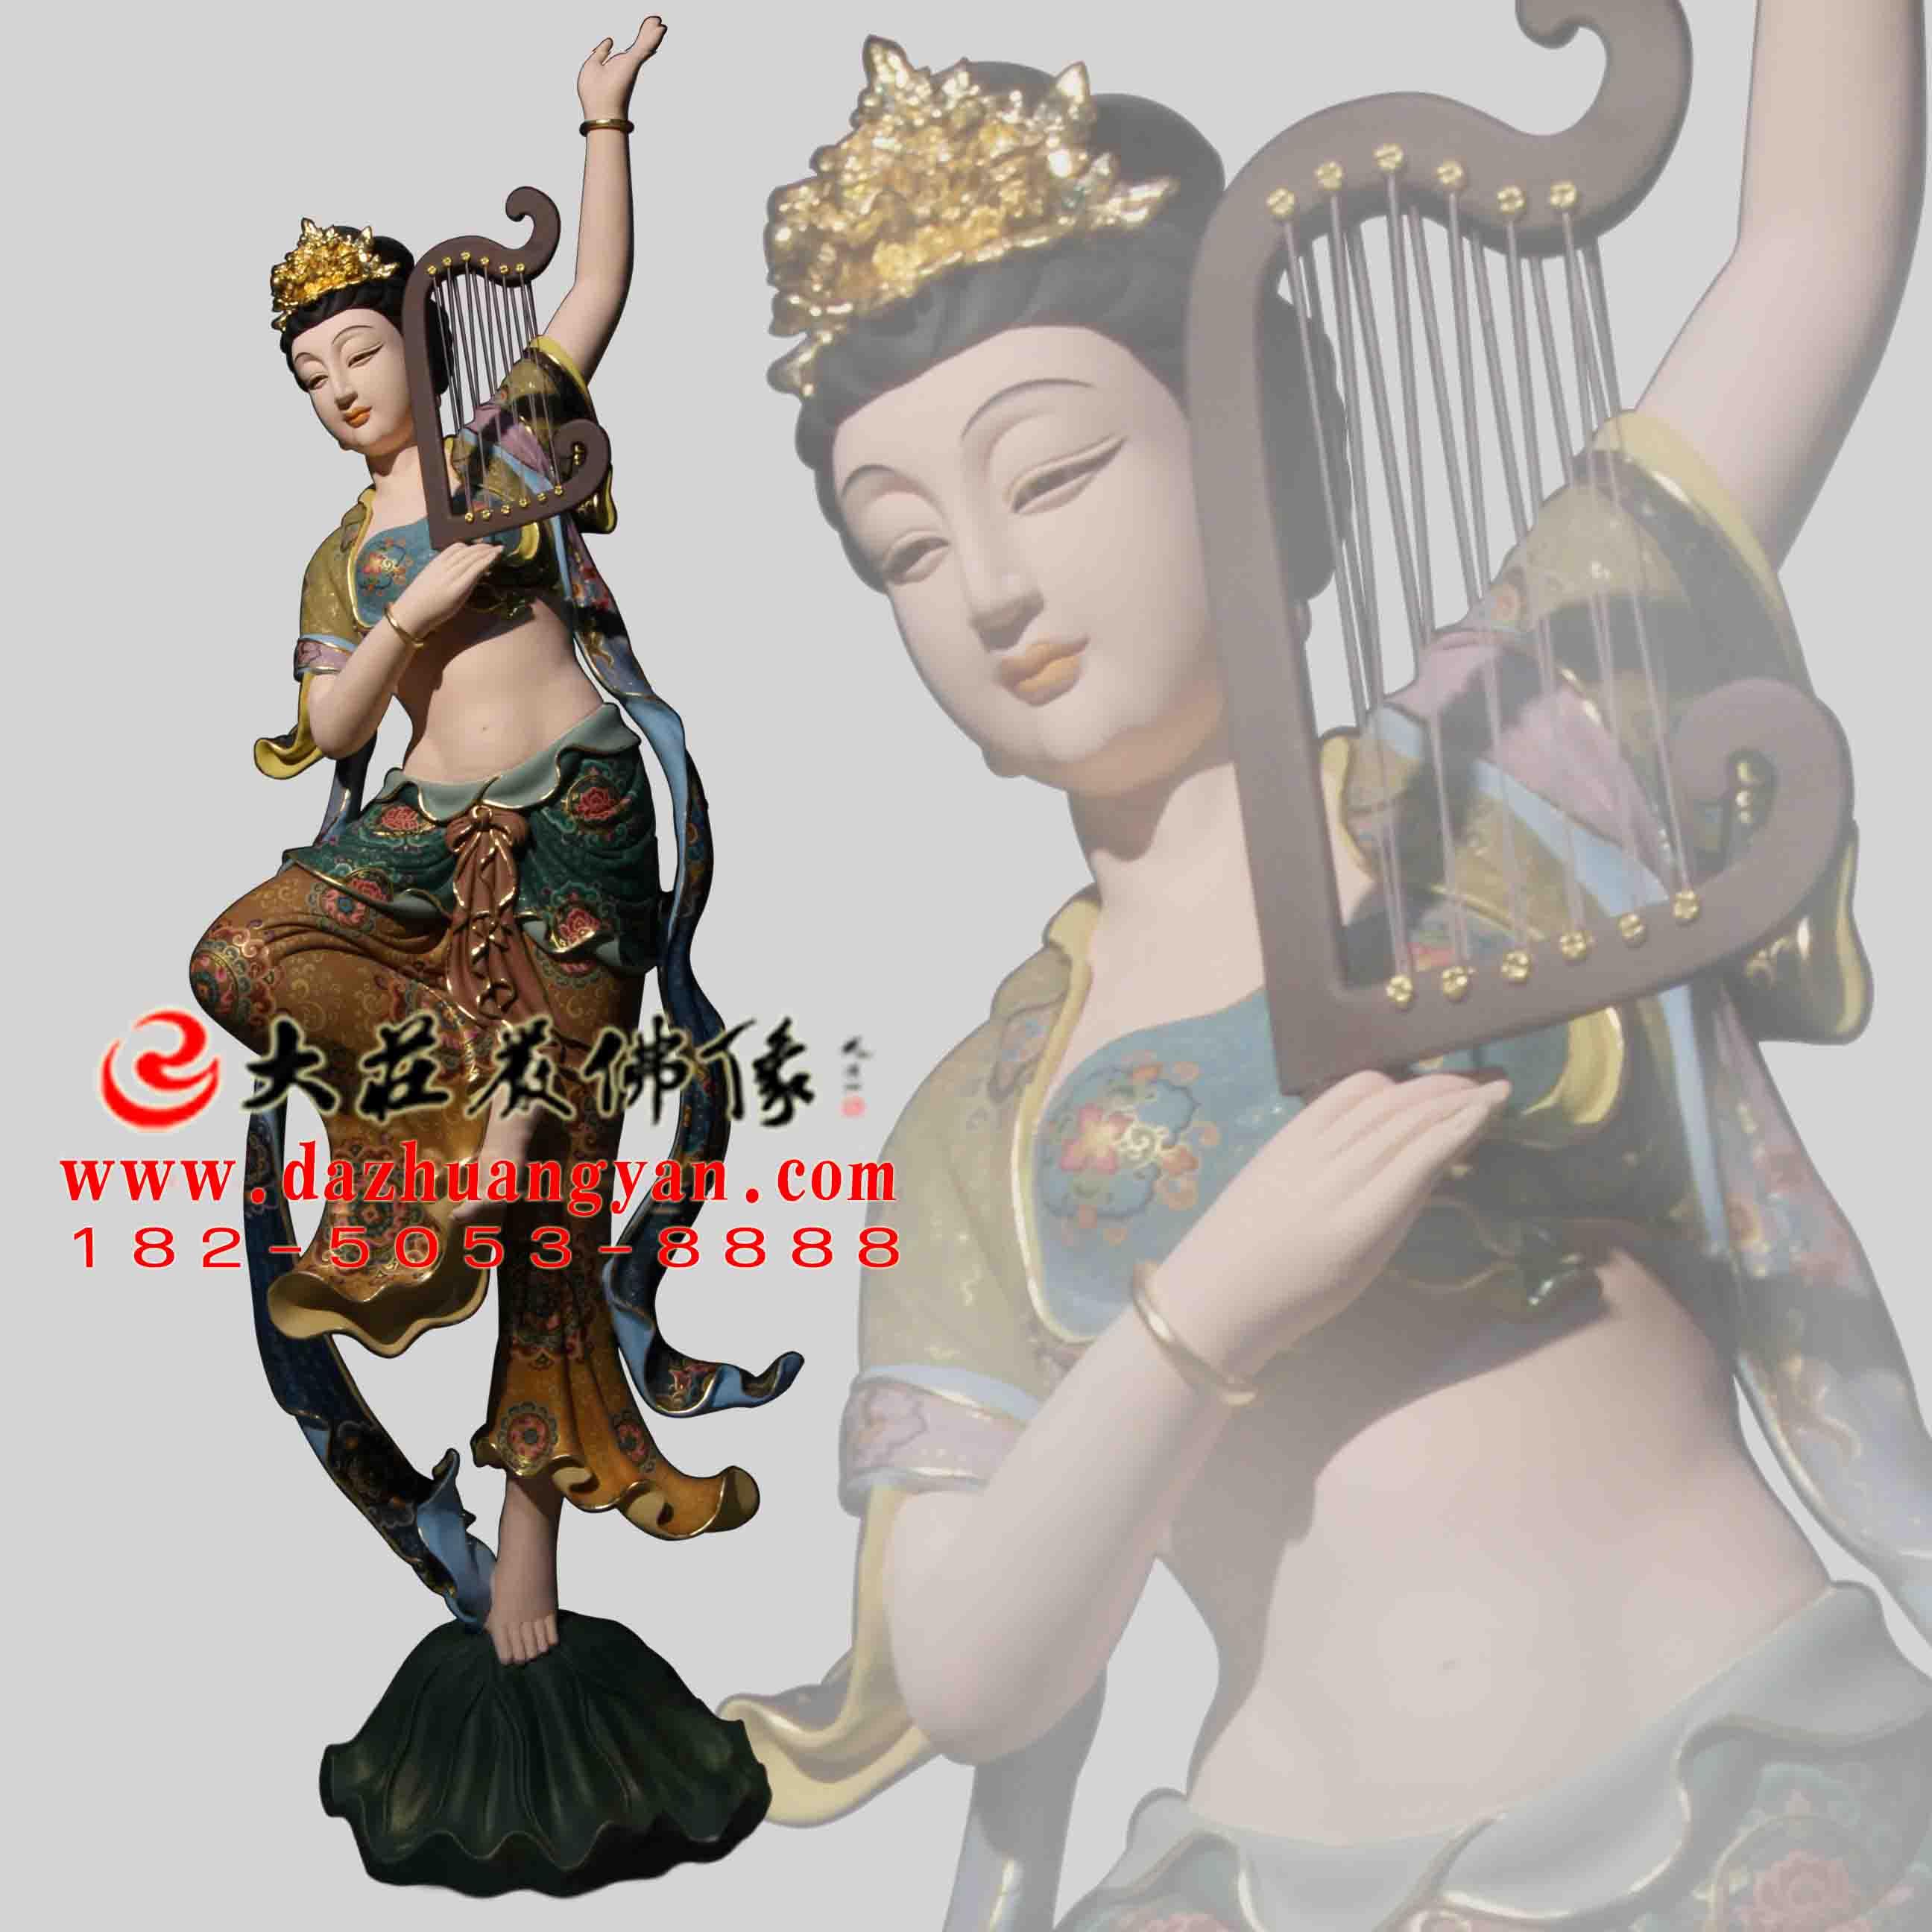 铜雕箜篌伎乐天彩绘神像